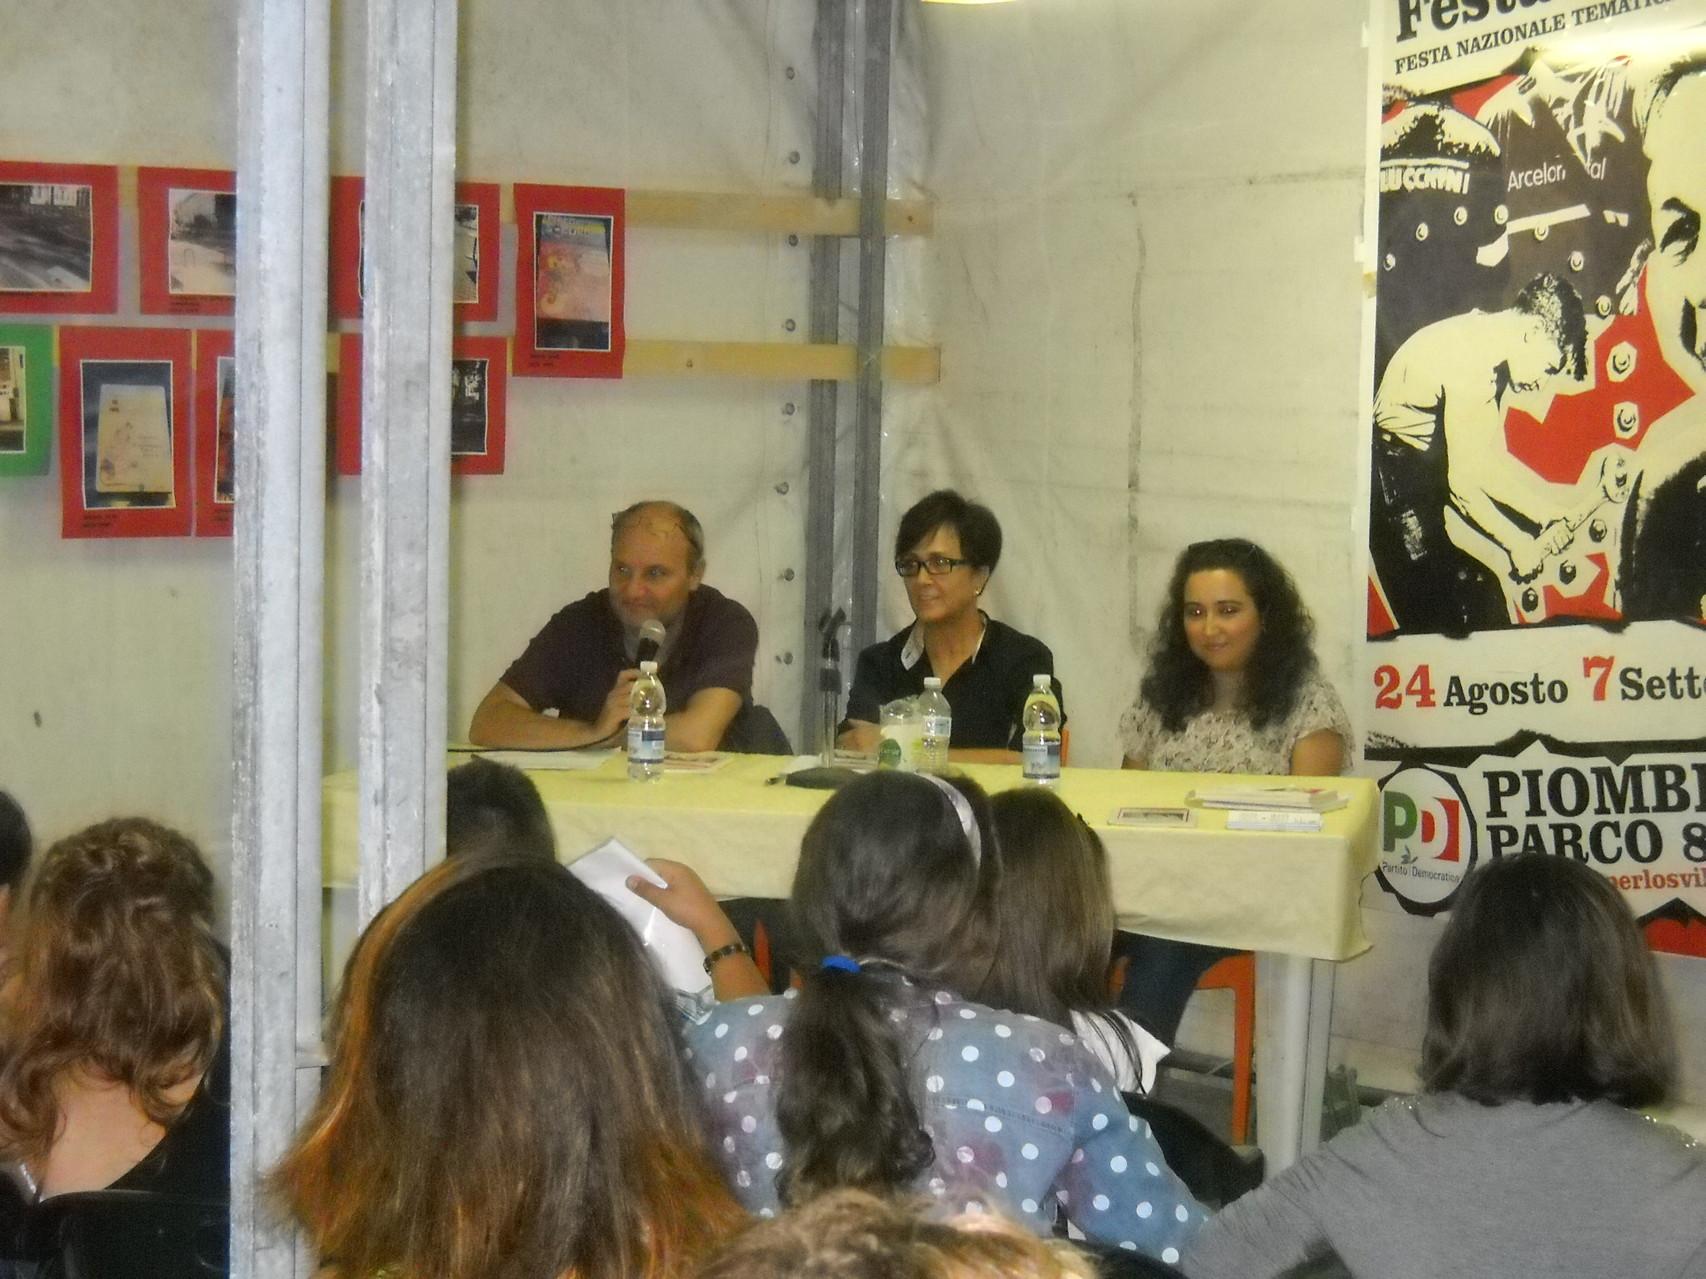 L'Assessore Claudio Capuano, l'Assessore Margherita di Giorgi e l'autrice Francesca Ghiribelli